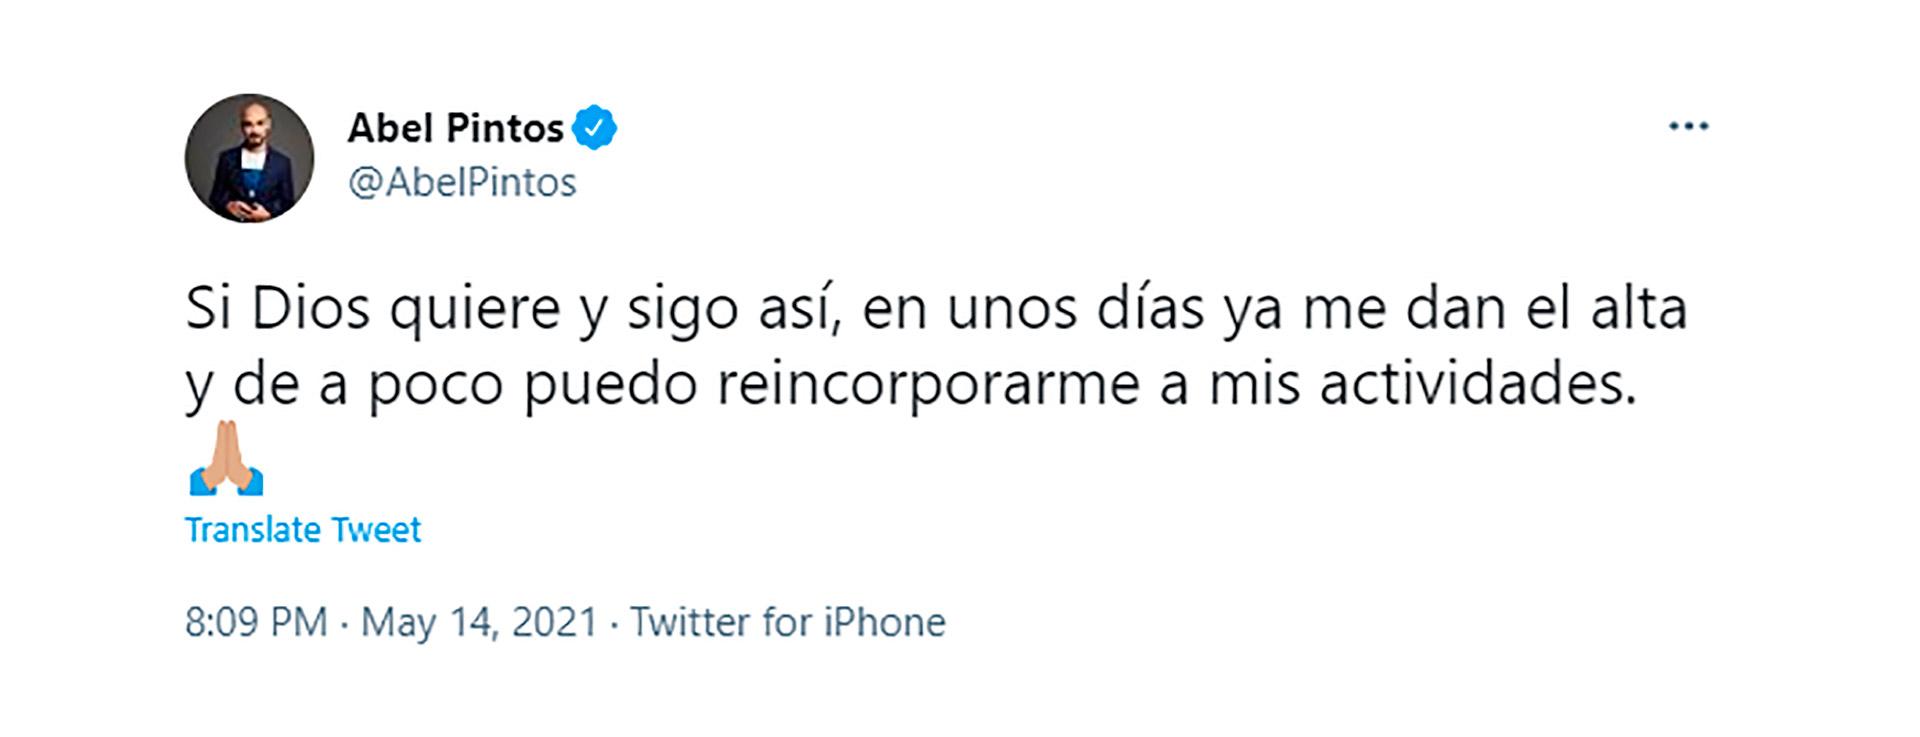 Abel Pintos habló por Twitter (Foto: @abelpintos)